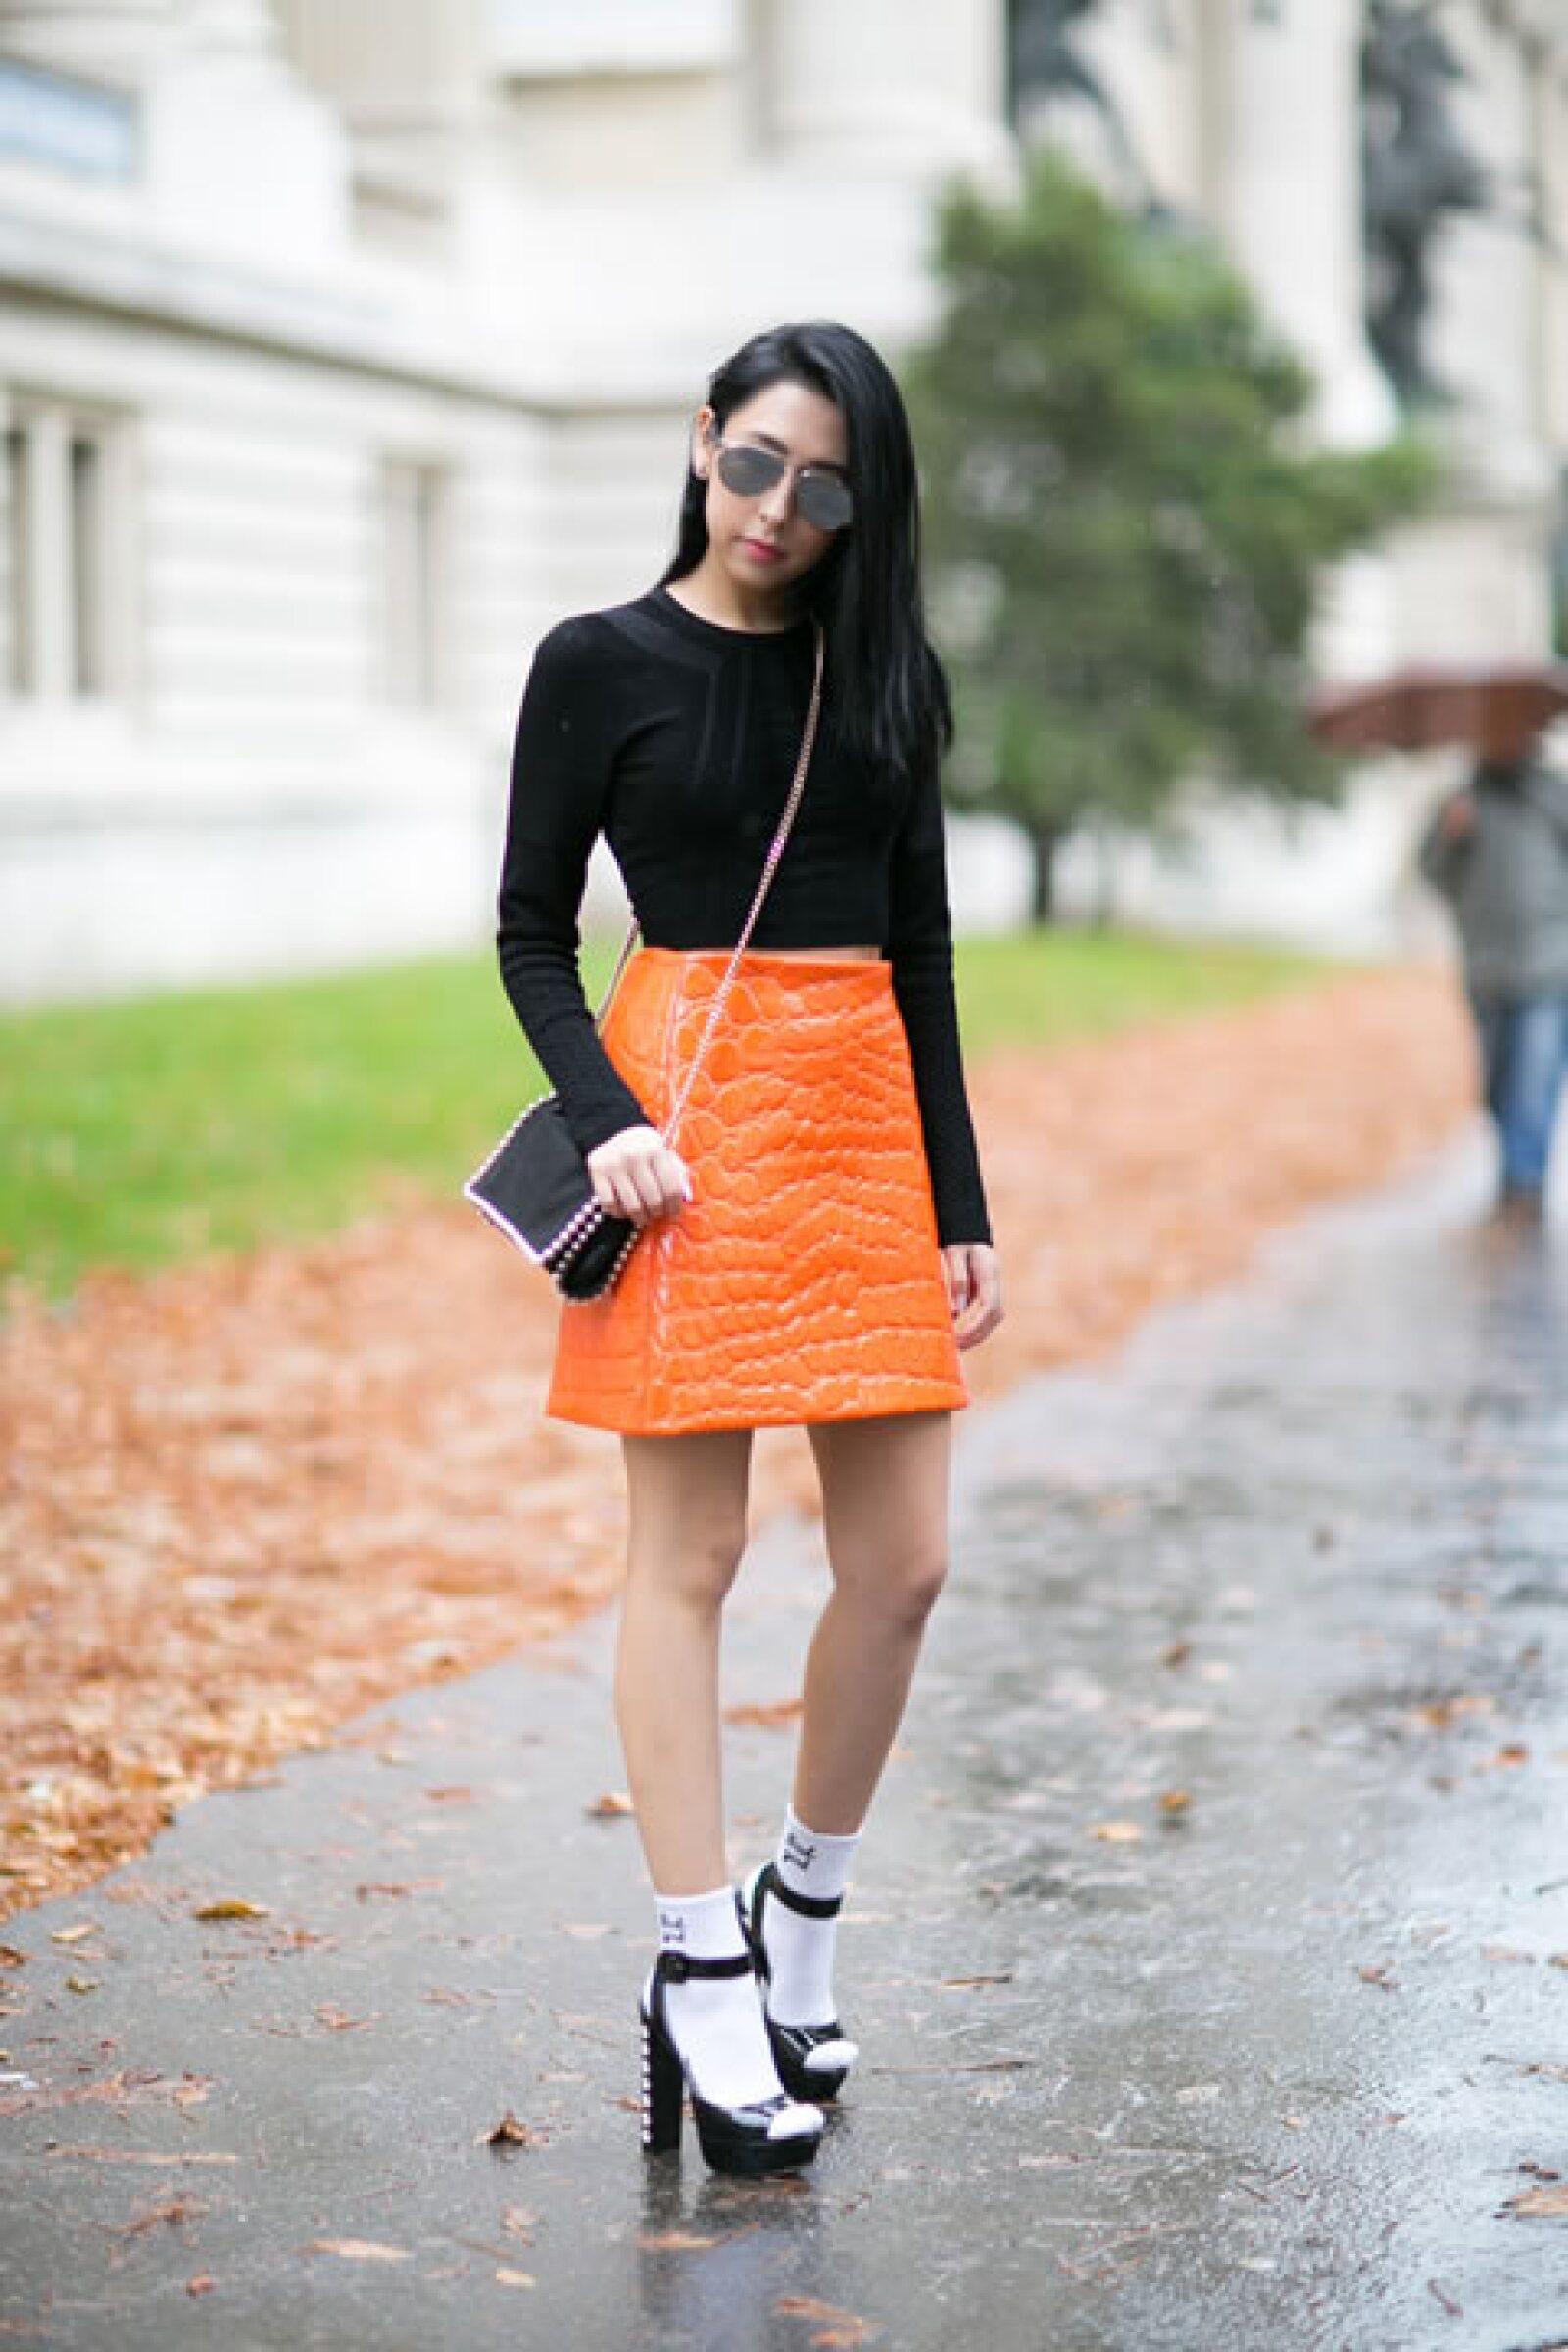 No vemos la razón por la cuál no puedas usar sandalias en otoño. Las calcetas le darán el toque perfecto al outfit.